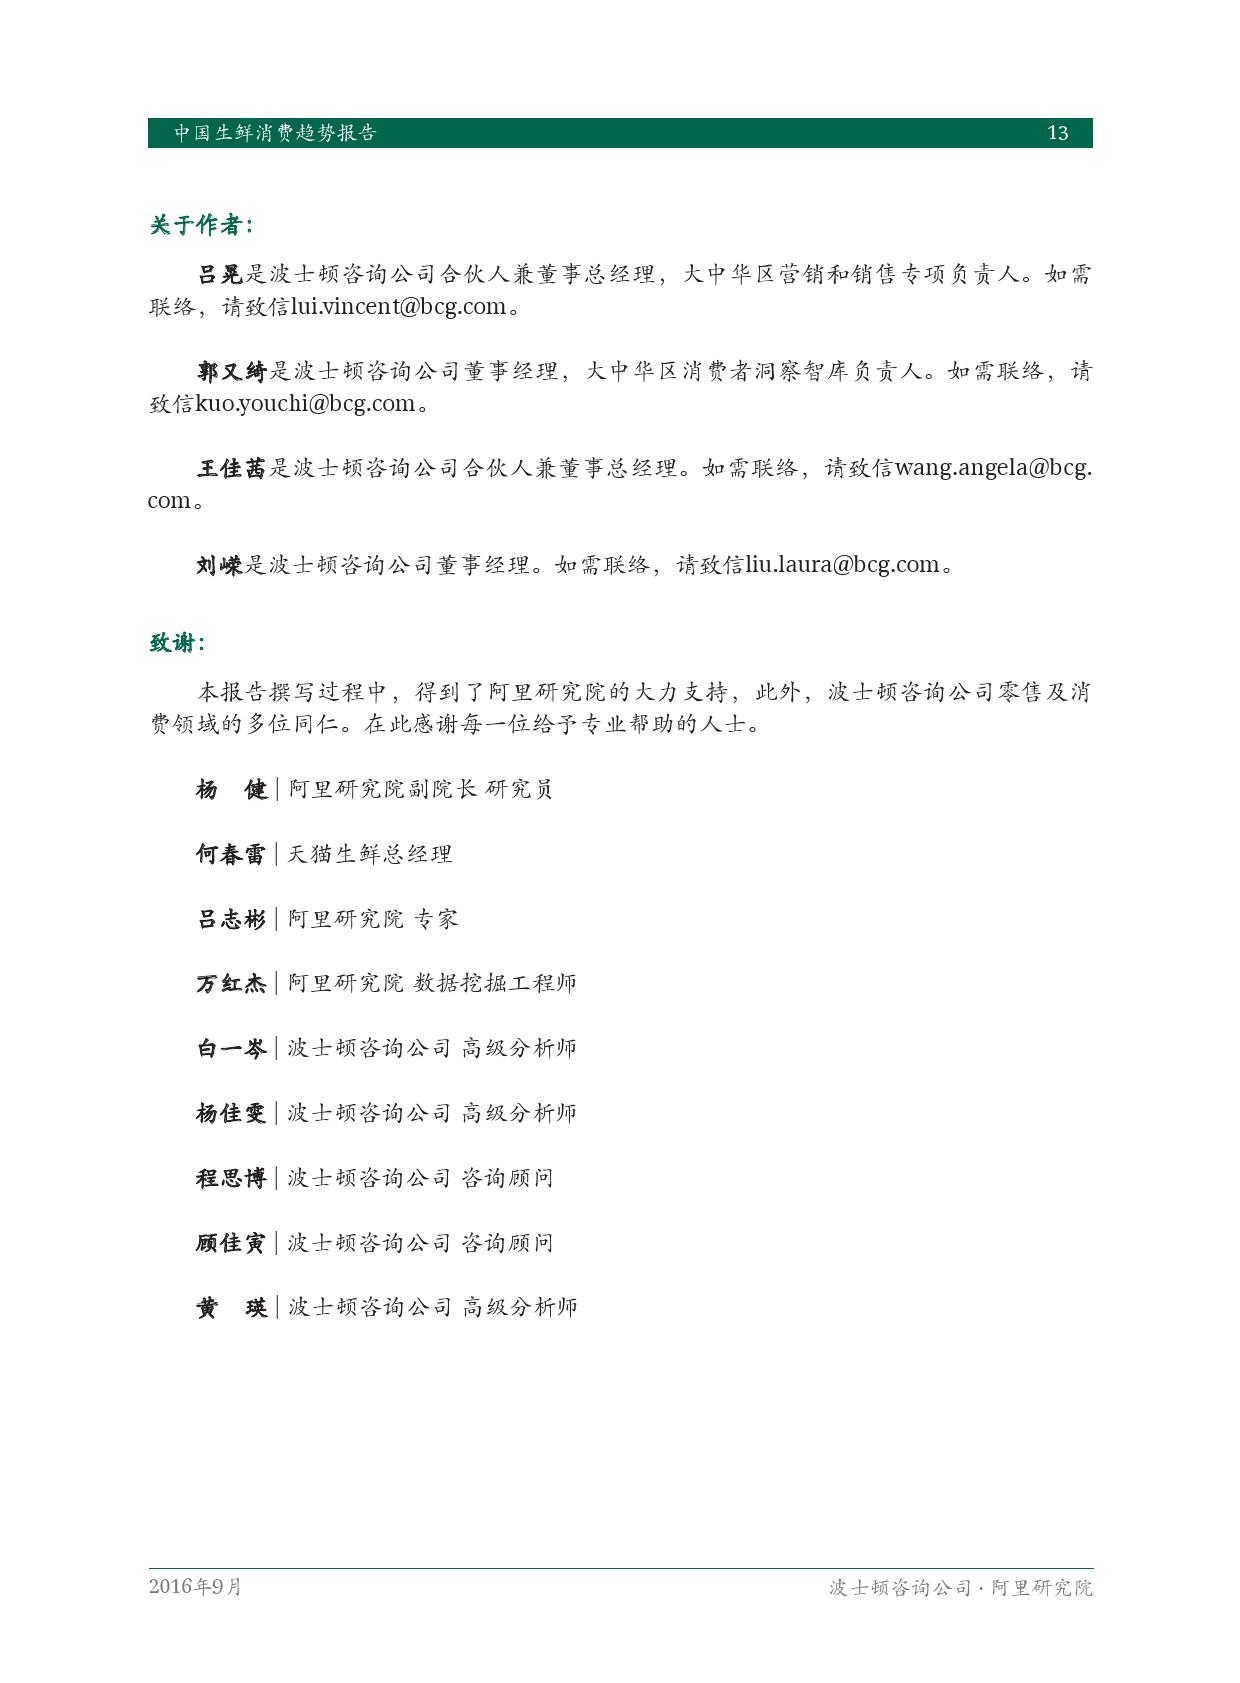 2016年中国生鲜消费趋势报告_000015